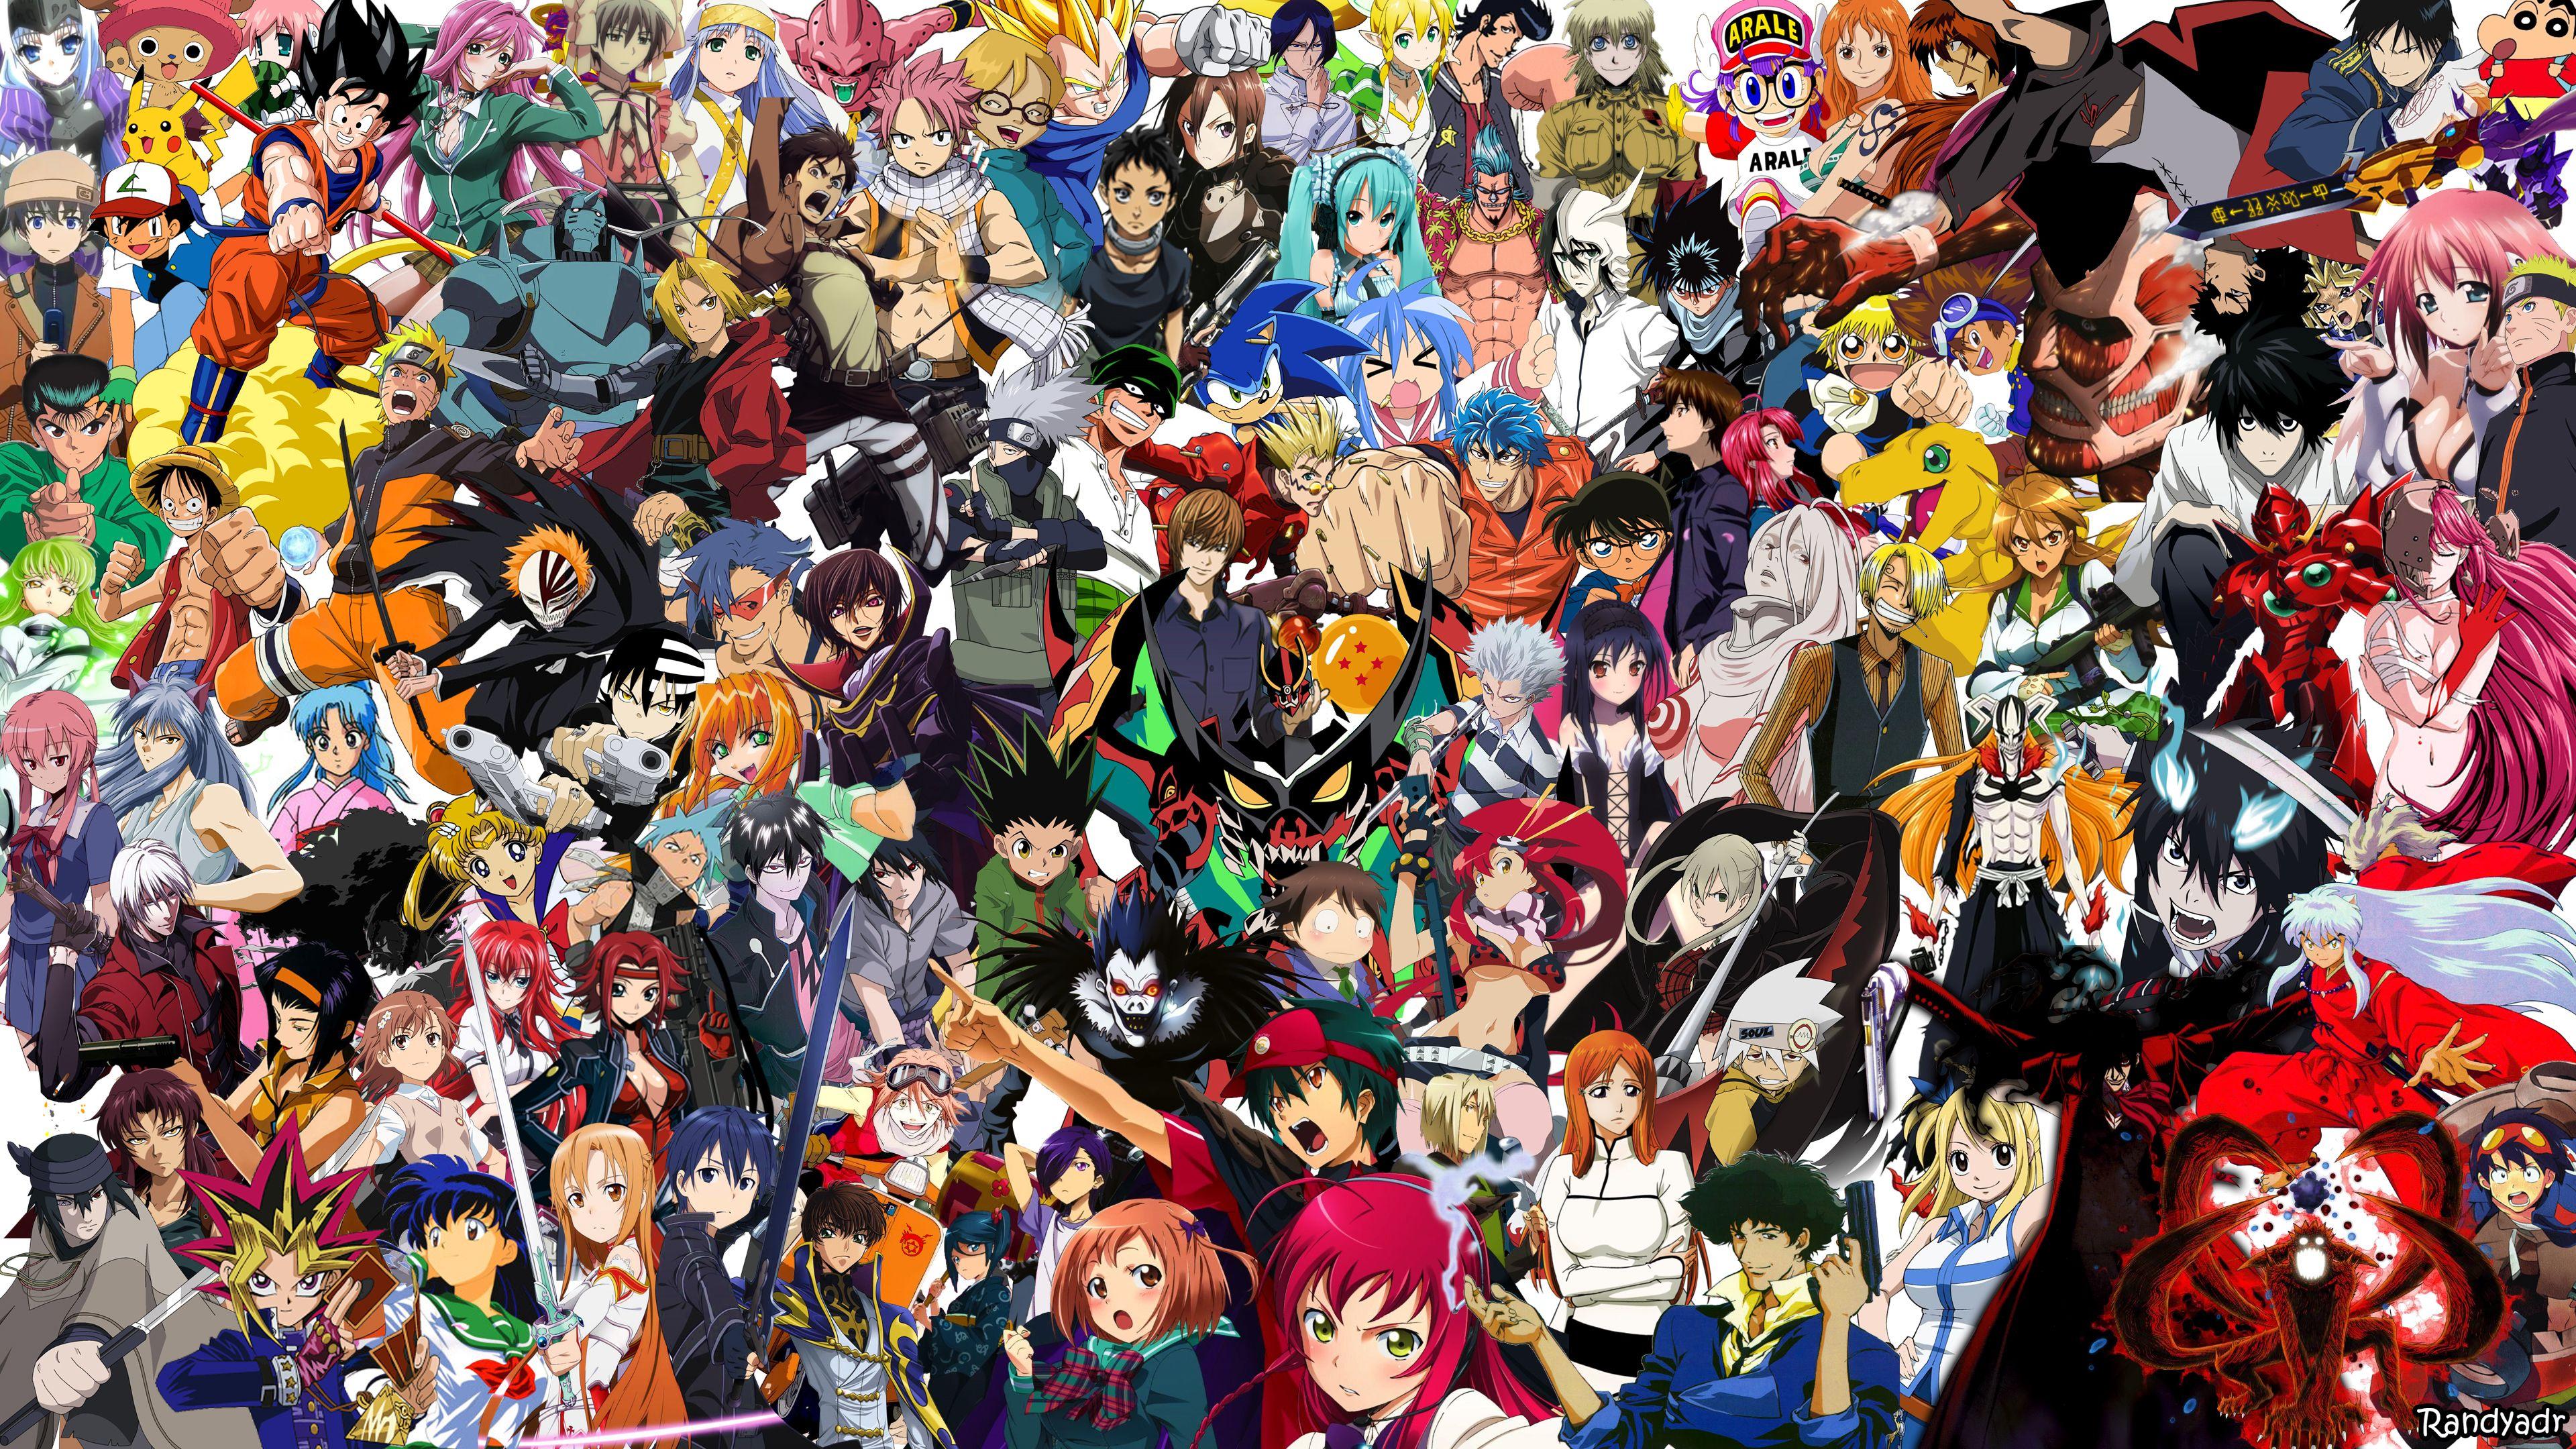 Gurren Lagann Hd Wallpapers Backgrounds Wallpaper Anime Wallpaper Anime Wallpaper Iphone Hd Anime Wallpapers